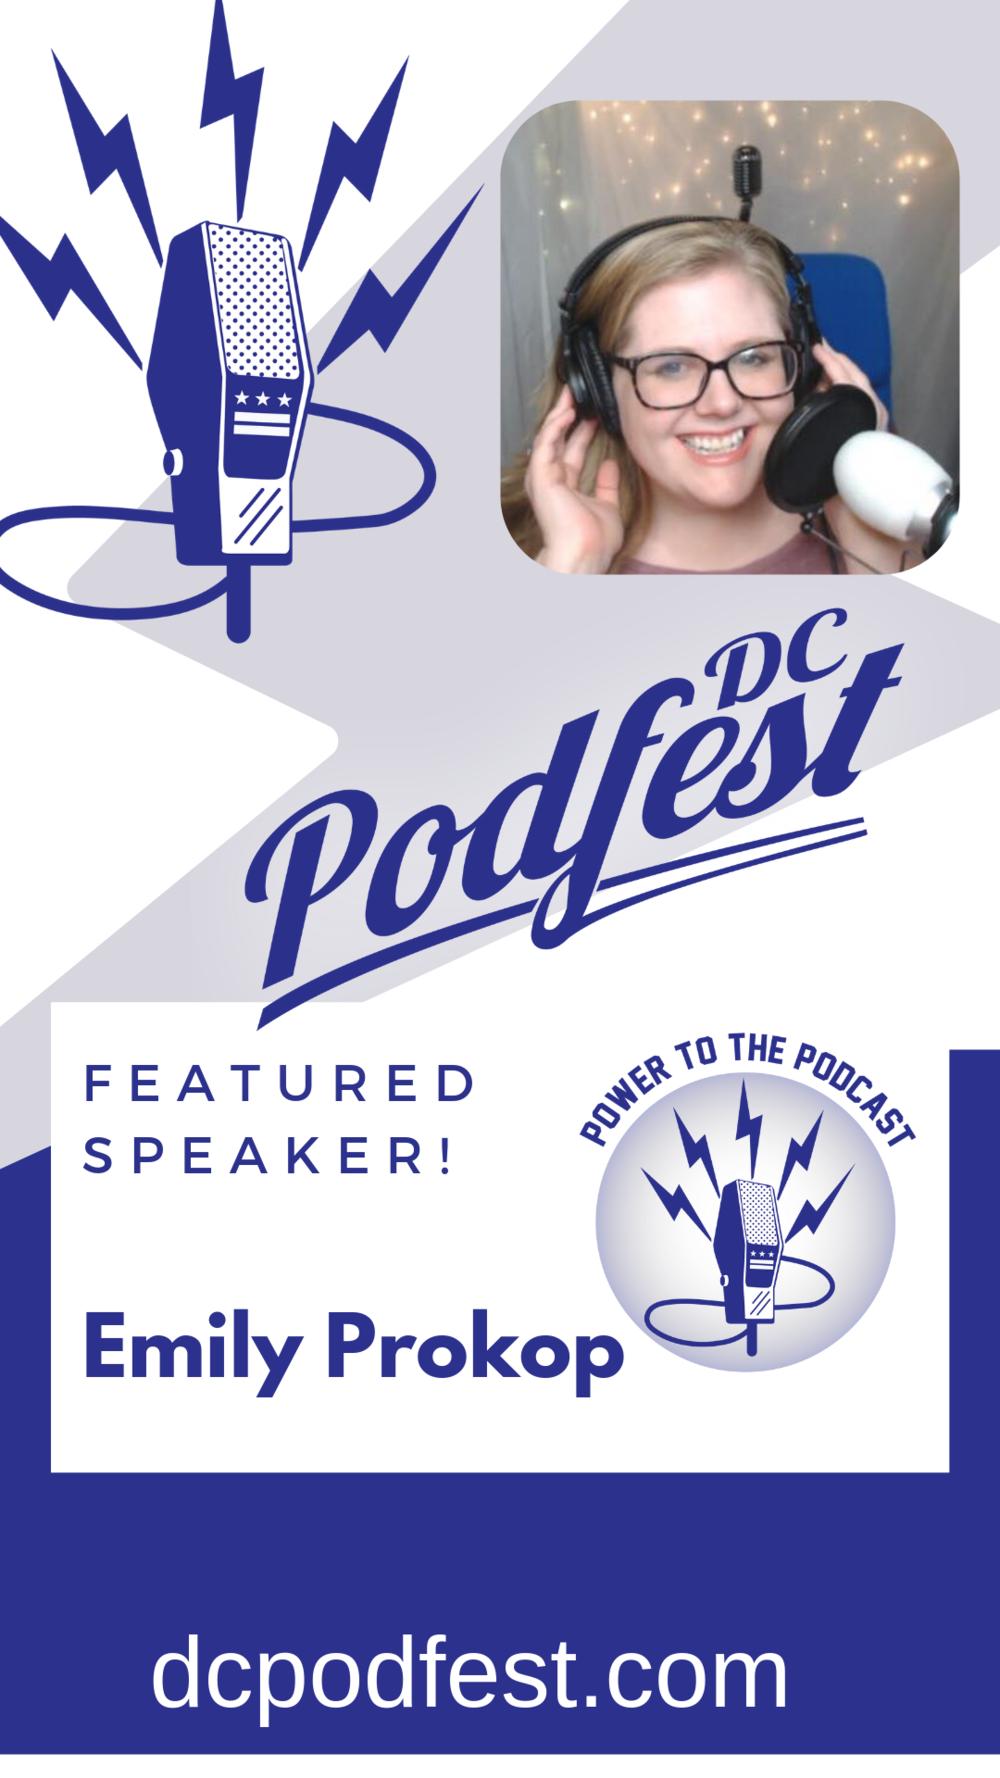 Emily Prokop Speaking DC Podfest